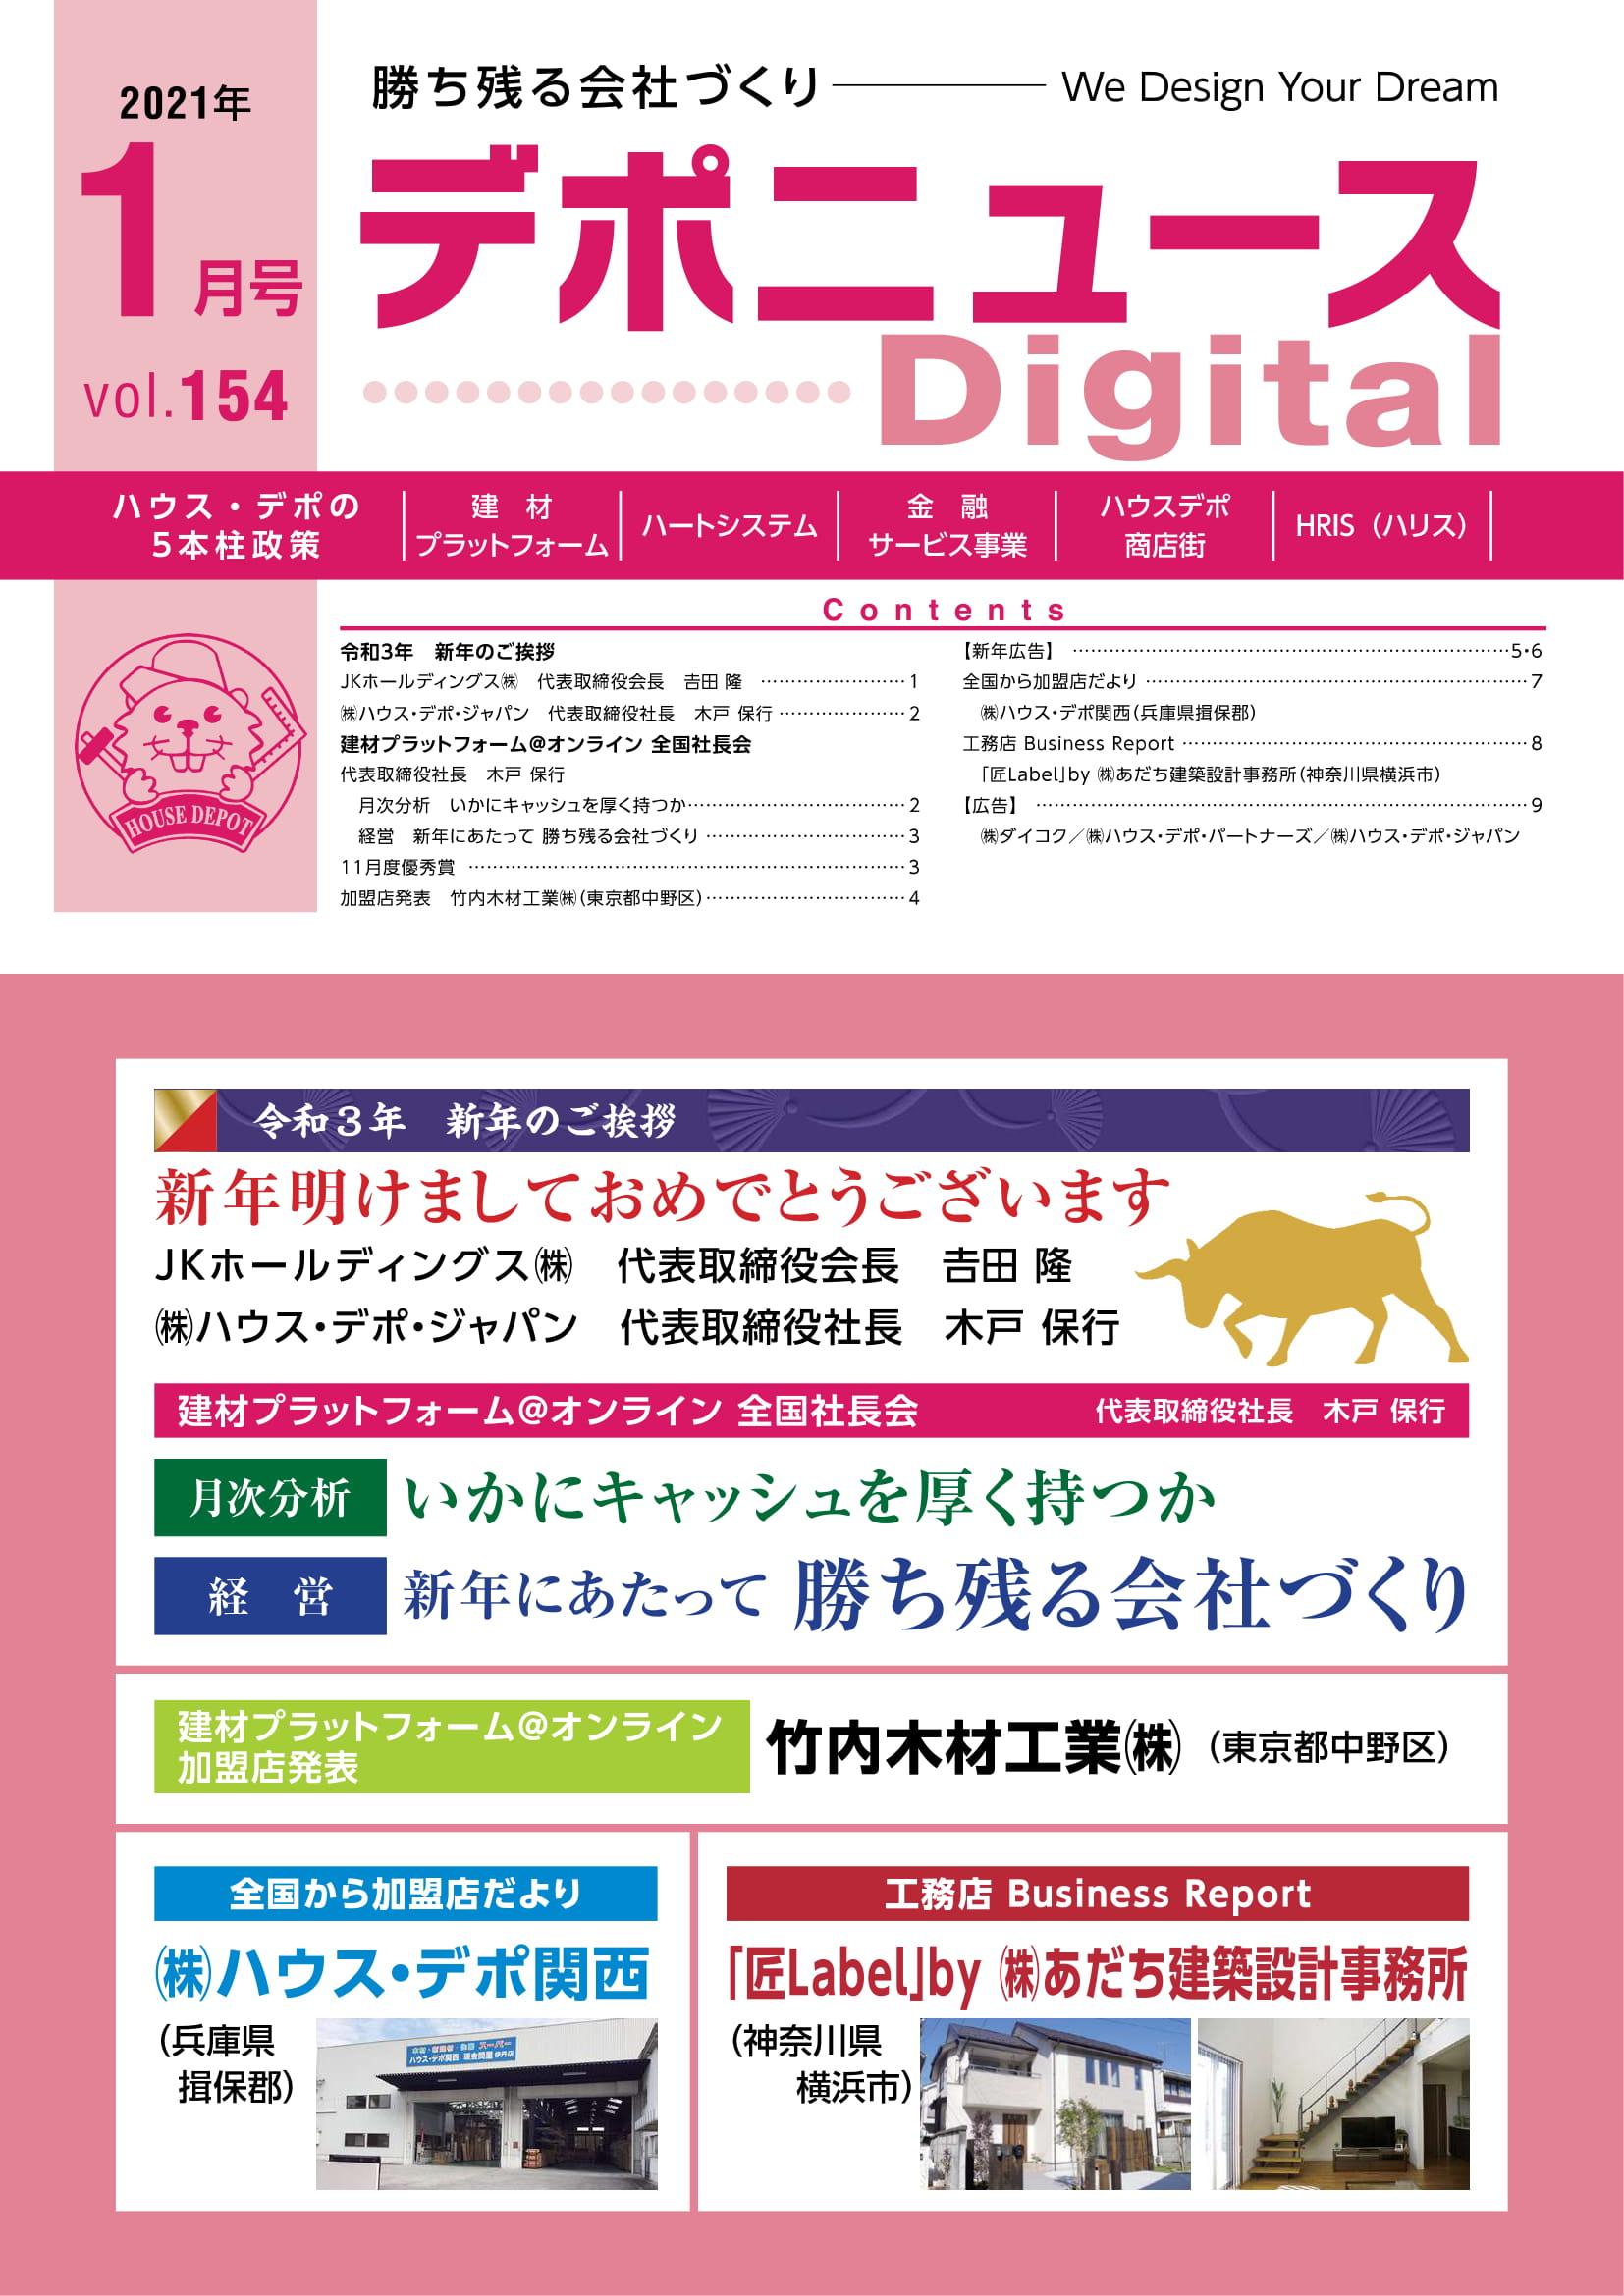 デポニュースDIGITAL Vol.154